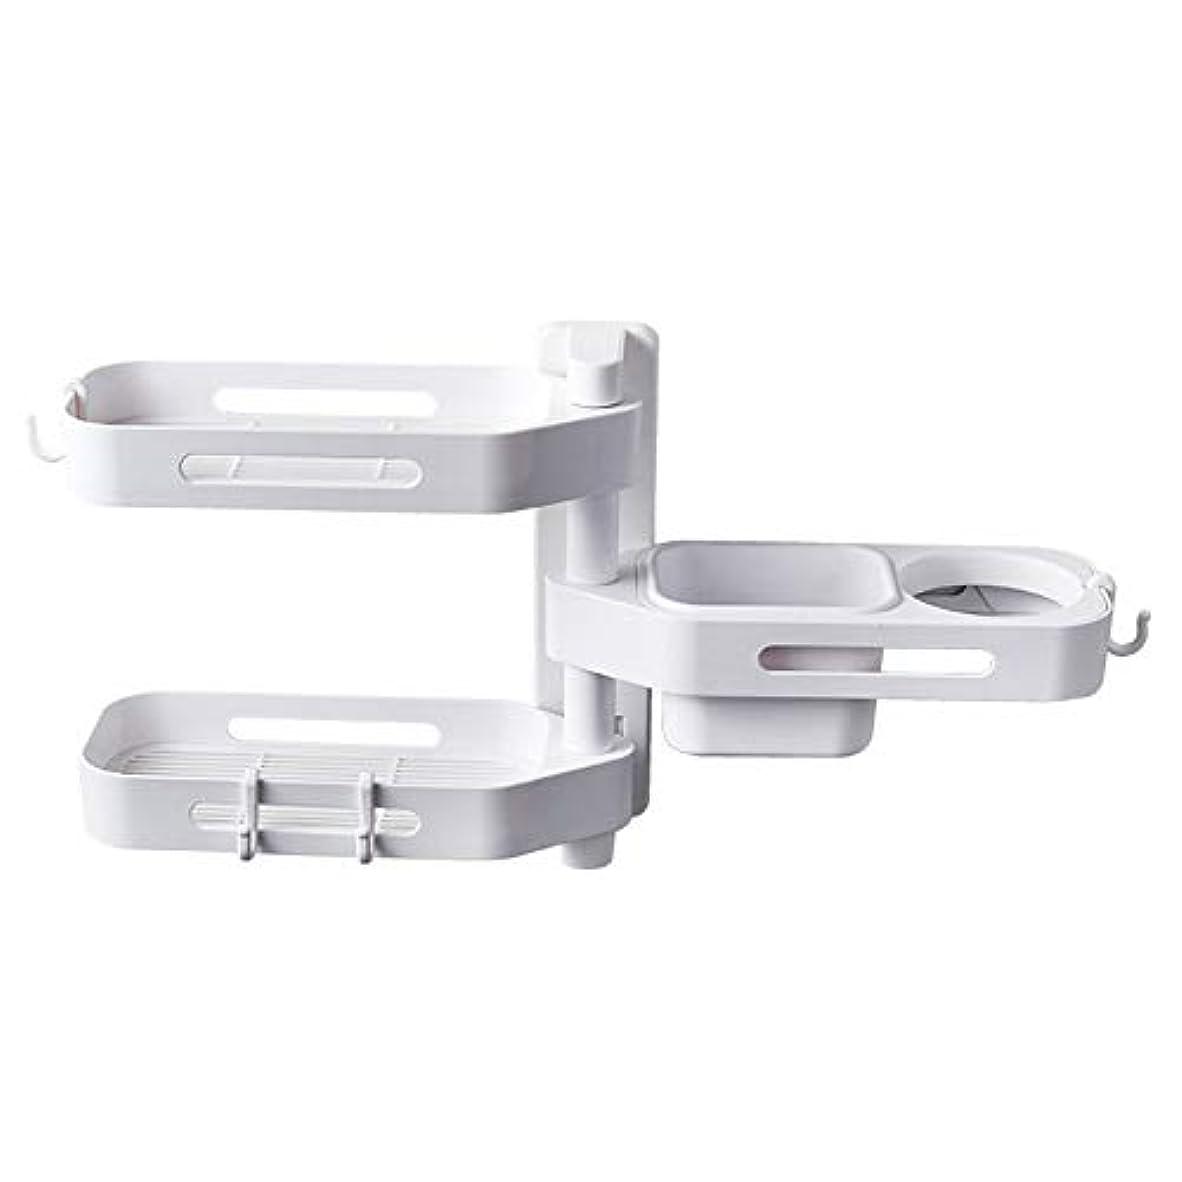 マトンジェスチャー想像力CoolTack 3層ソープトレイプラスチック取り外し可能な収納オーガナイザーを回転させるソープディッシュ接着剤ホルダー